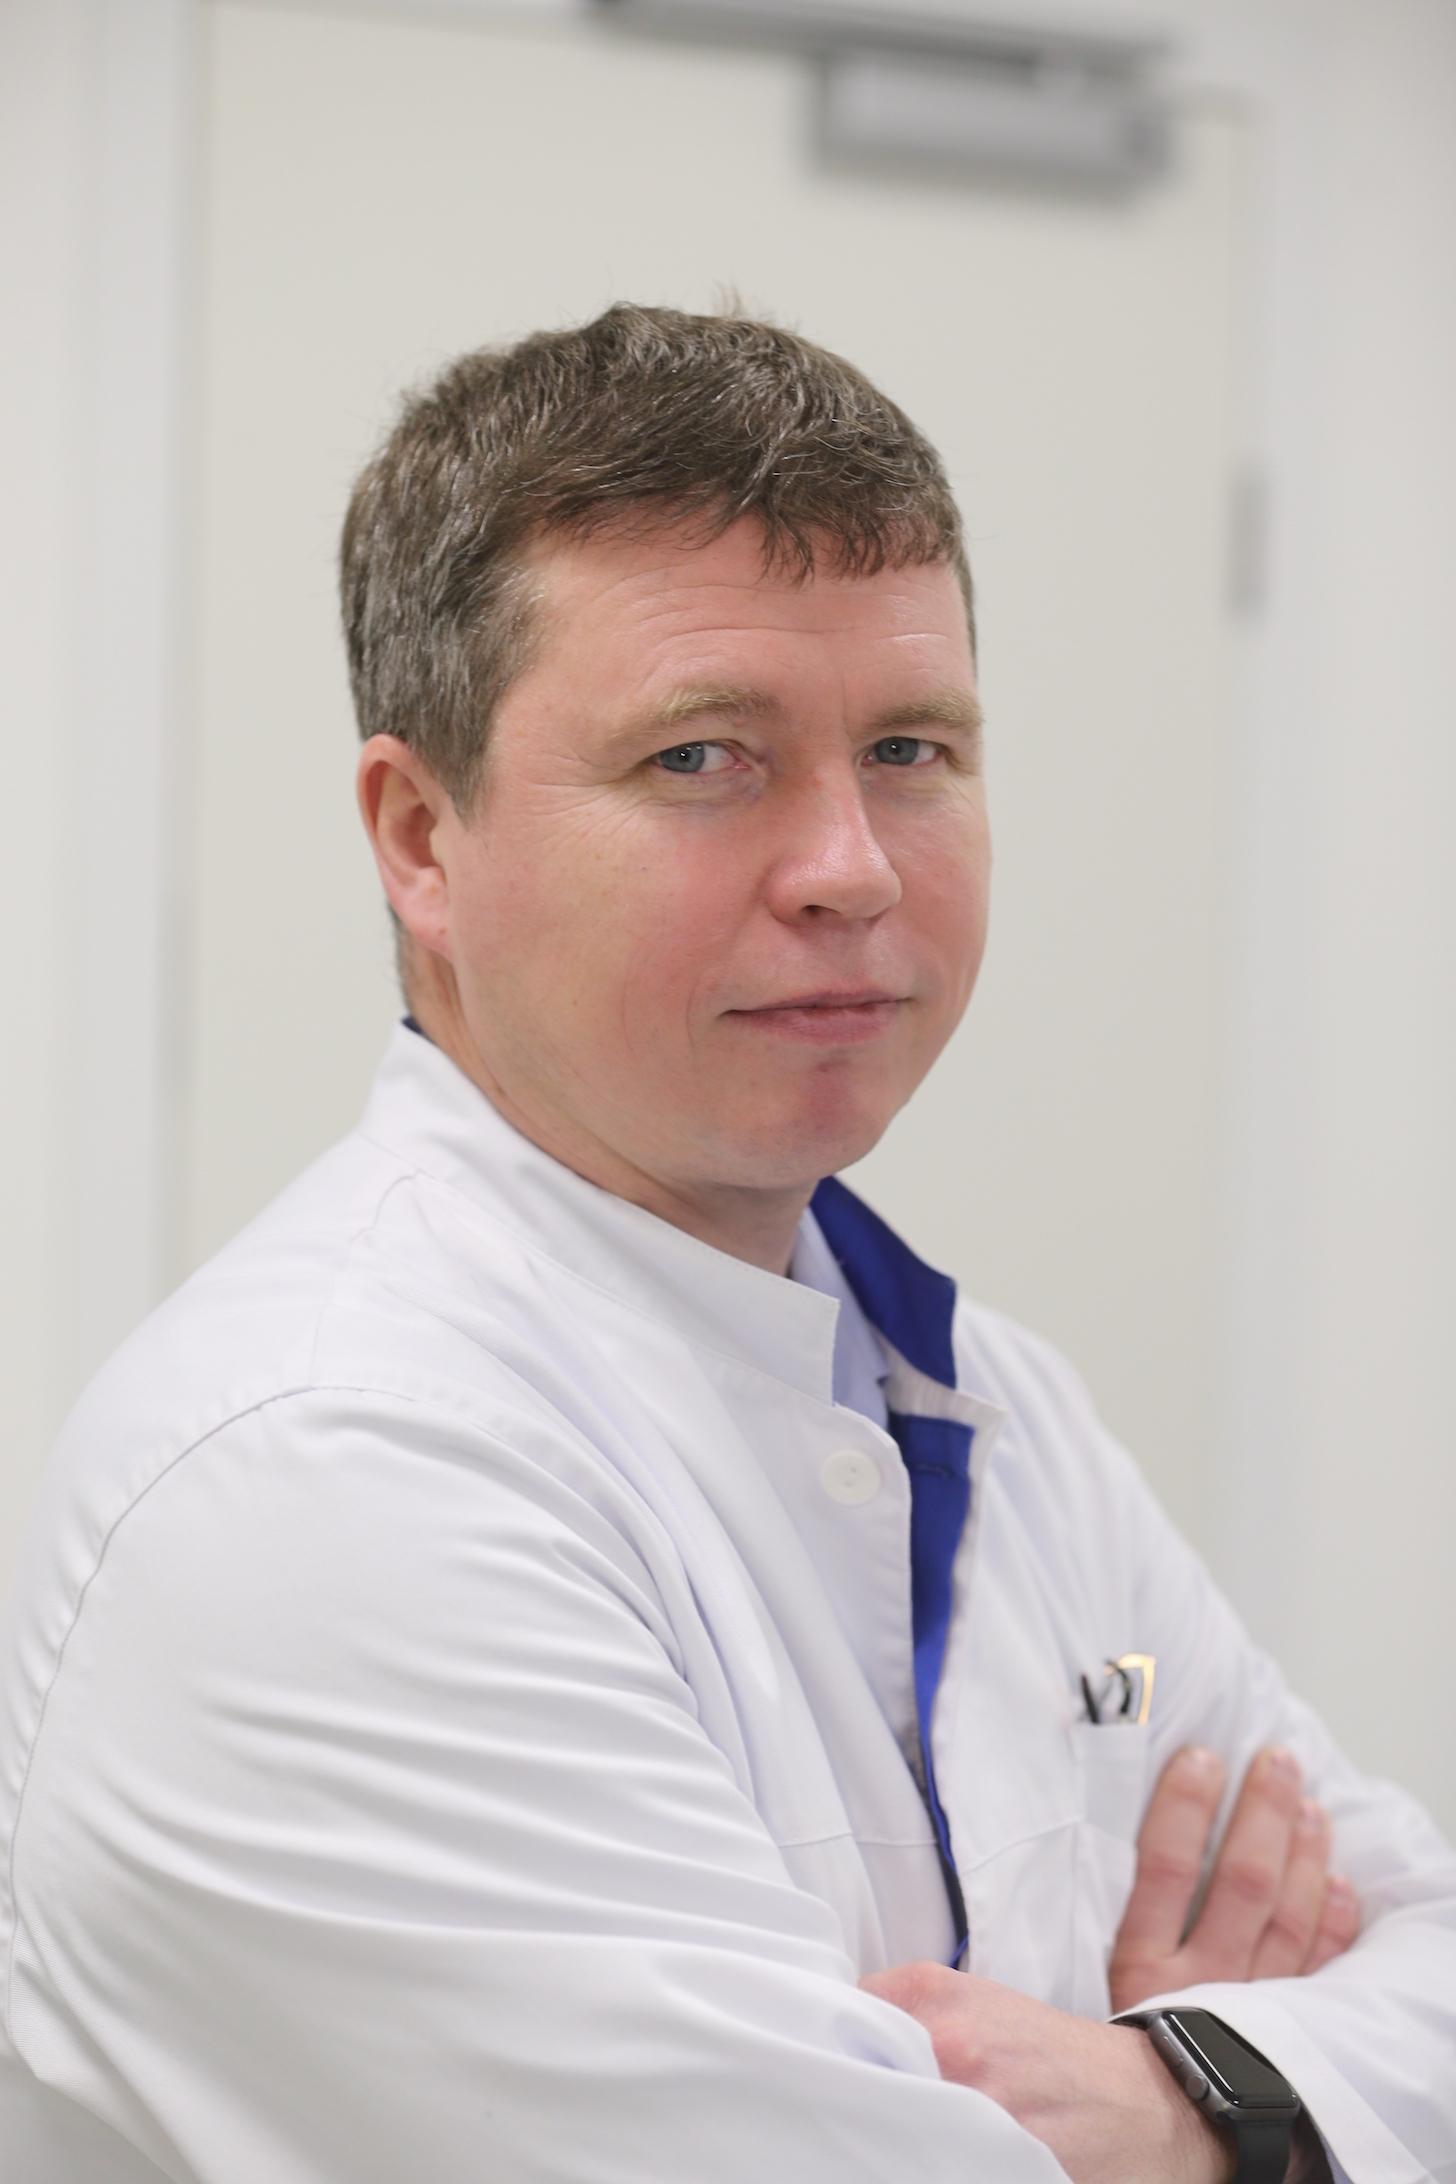 Алексей Лобков, Руководитель направления челюстно-лицевой хирургии Европейского медицинского центра (ЕМС)